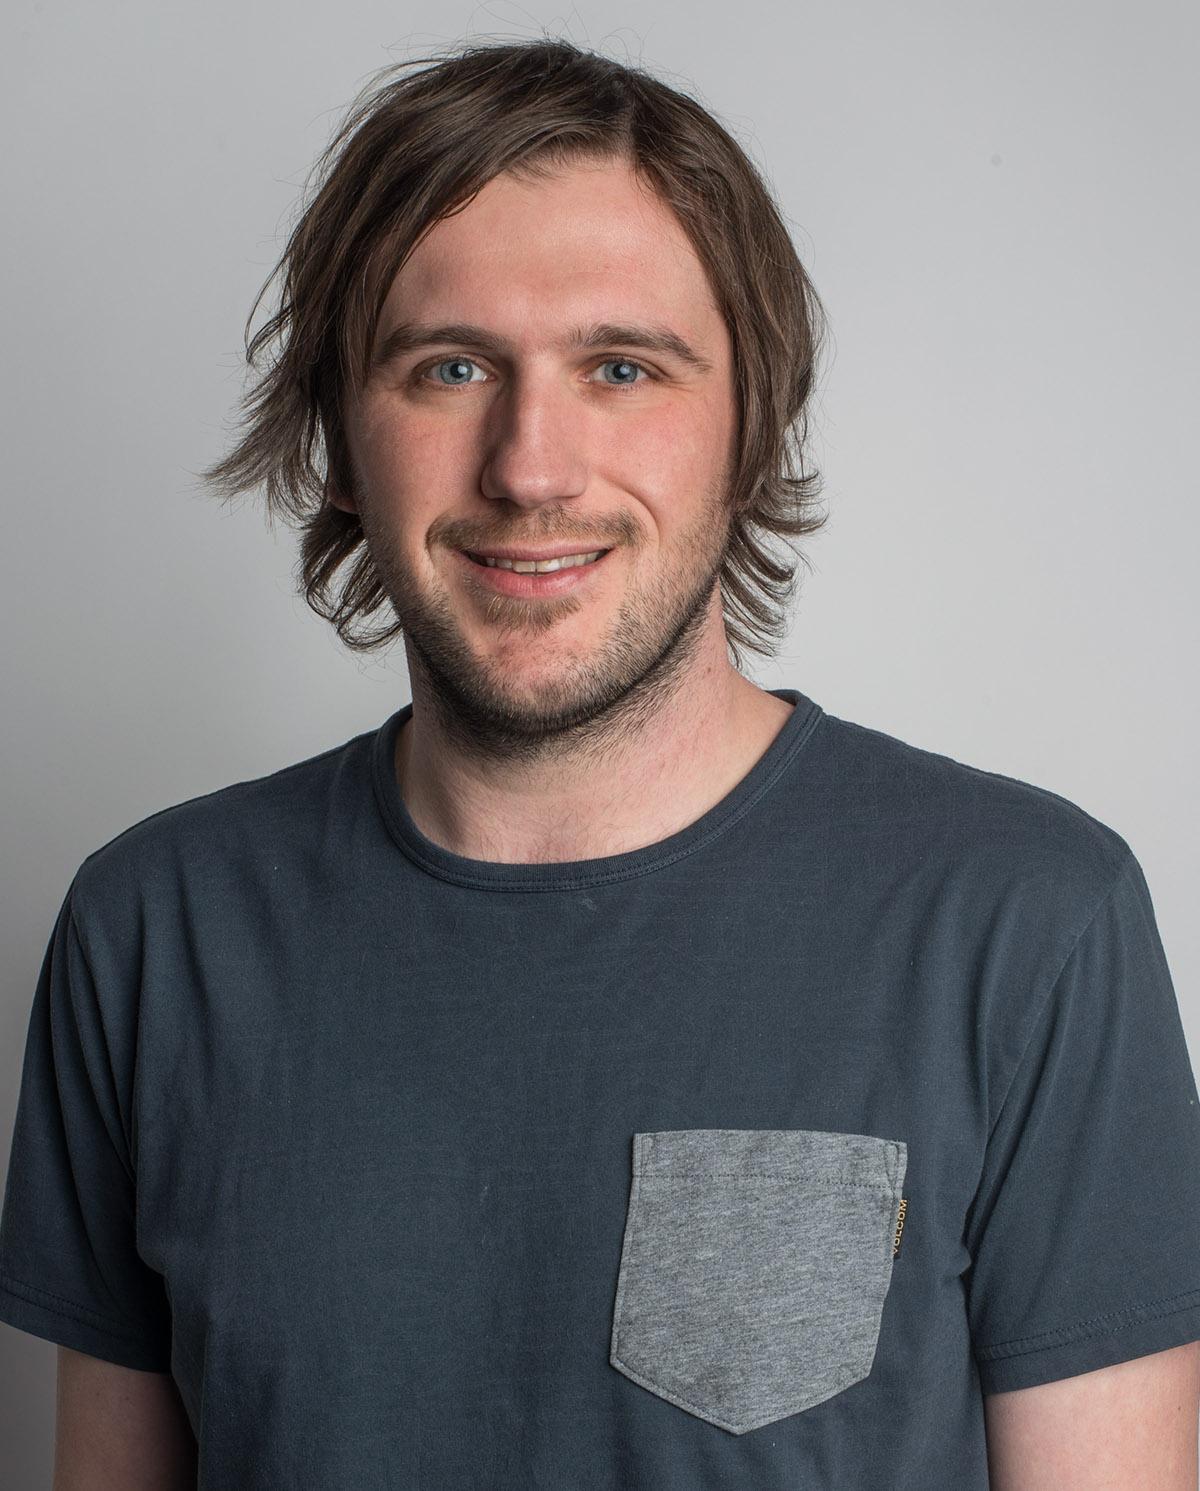 Stefan Dürnberger